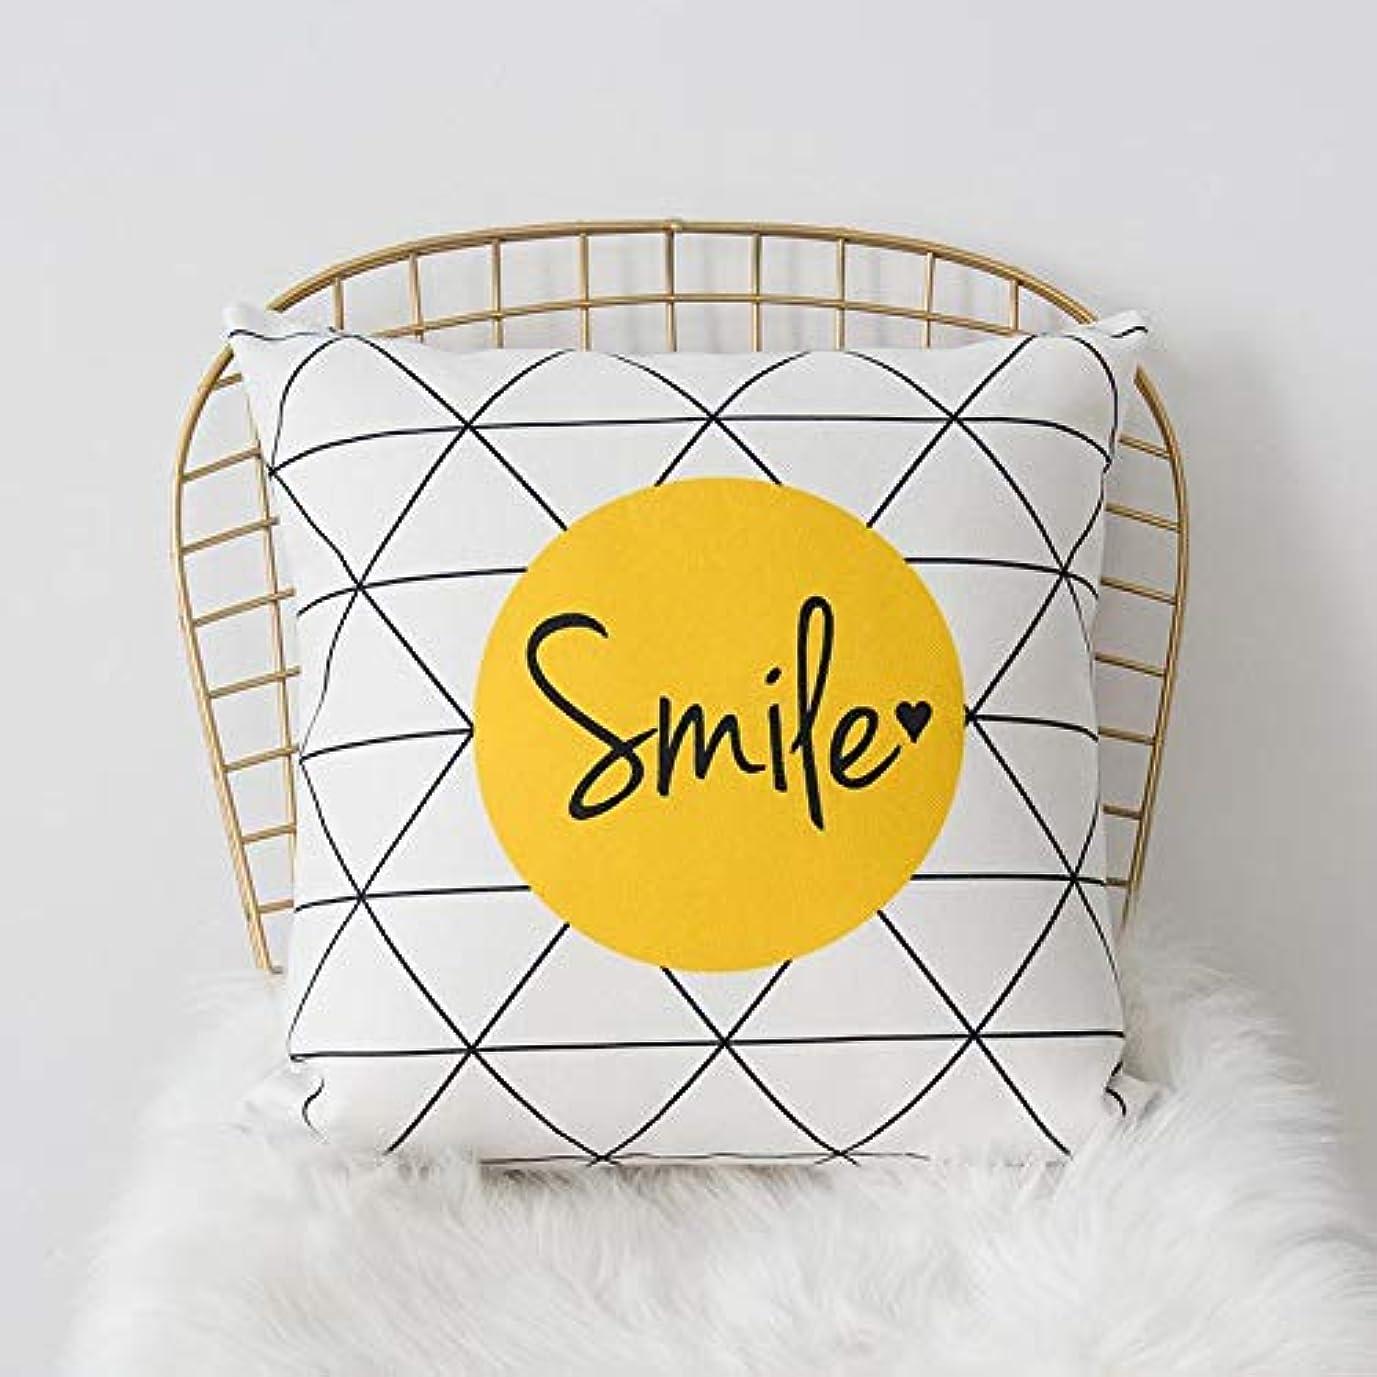 テント慎重勧告SMART 黄色グレー枕北欧スタイル黄色ヘラジカ幾何枕リビングルームのインテリアソファクッション Cojines 装飾良質 クッション 椅子